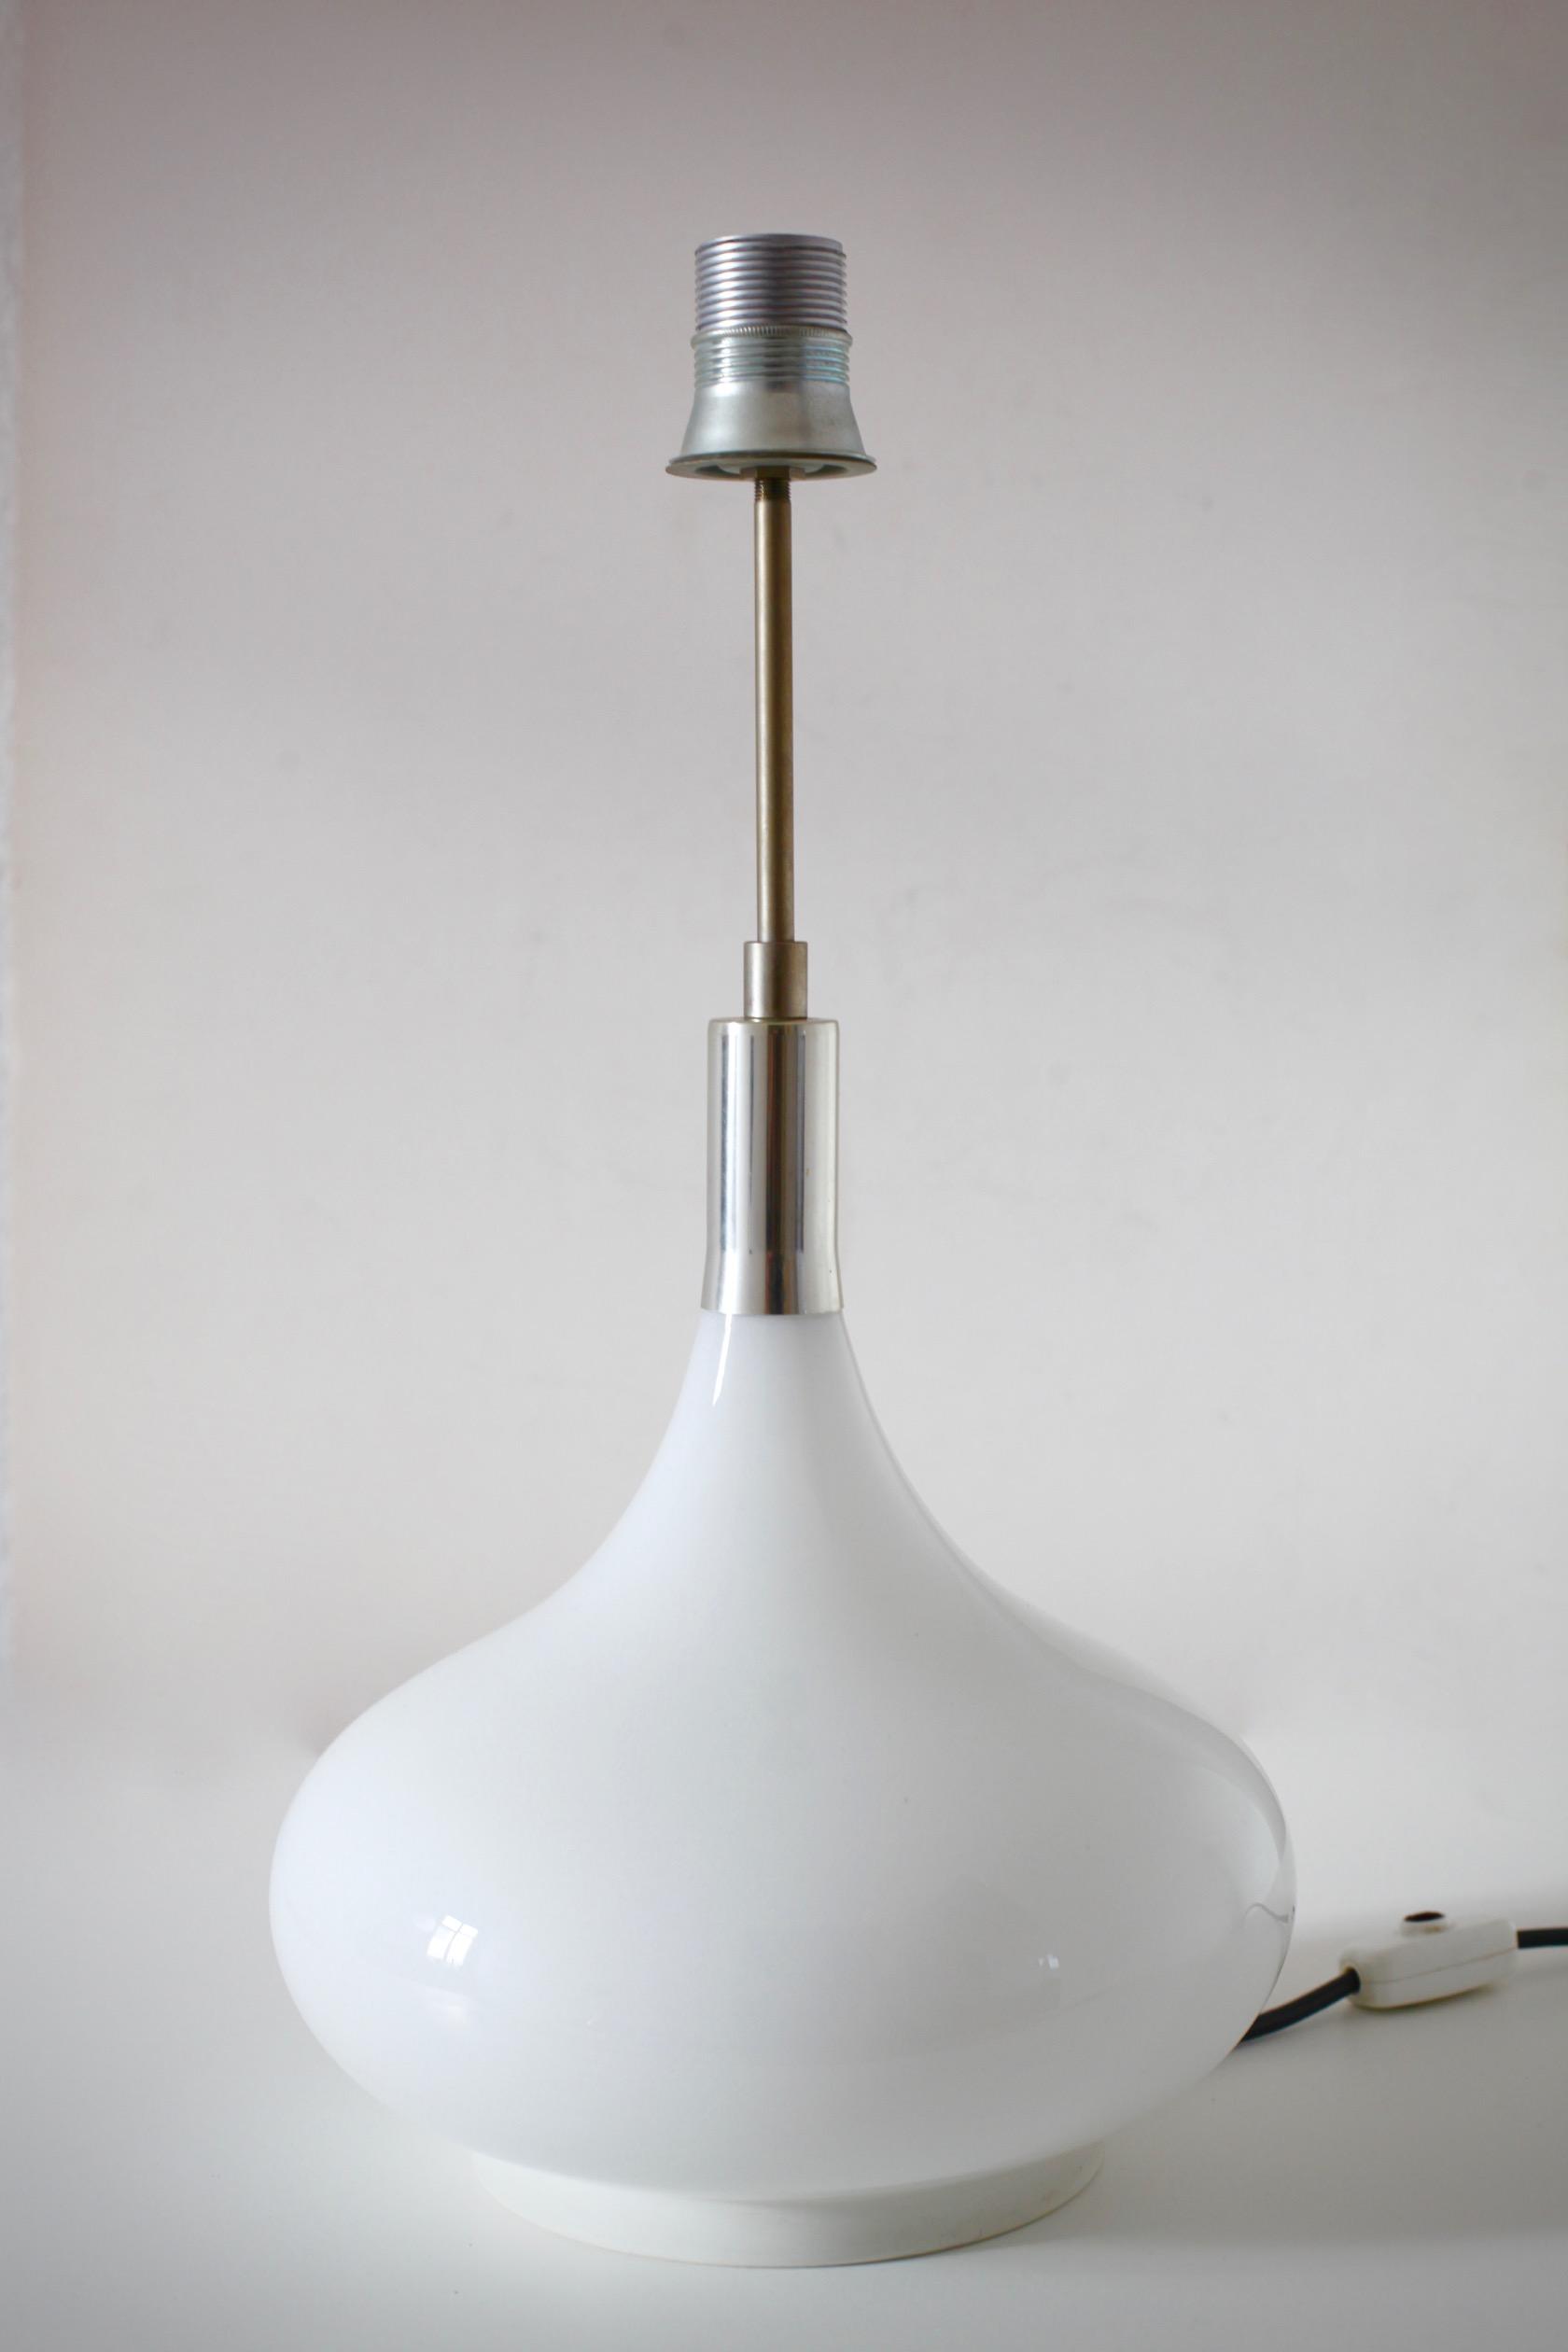 gro e tischlampe von doria mit glasfu raumwunder vintage wohnen in n rnberg. Black Bedroom Furniture Sets. Home Design Ideas